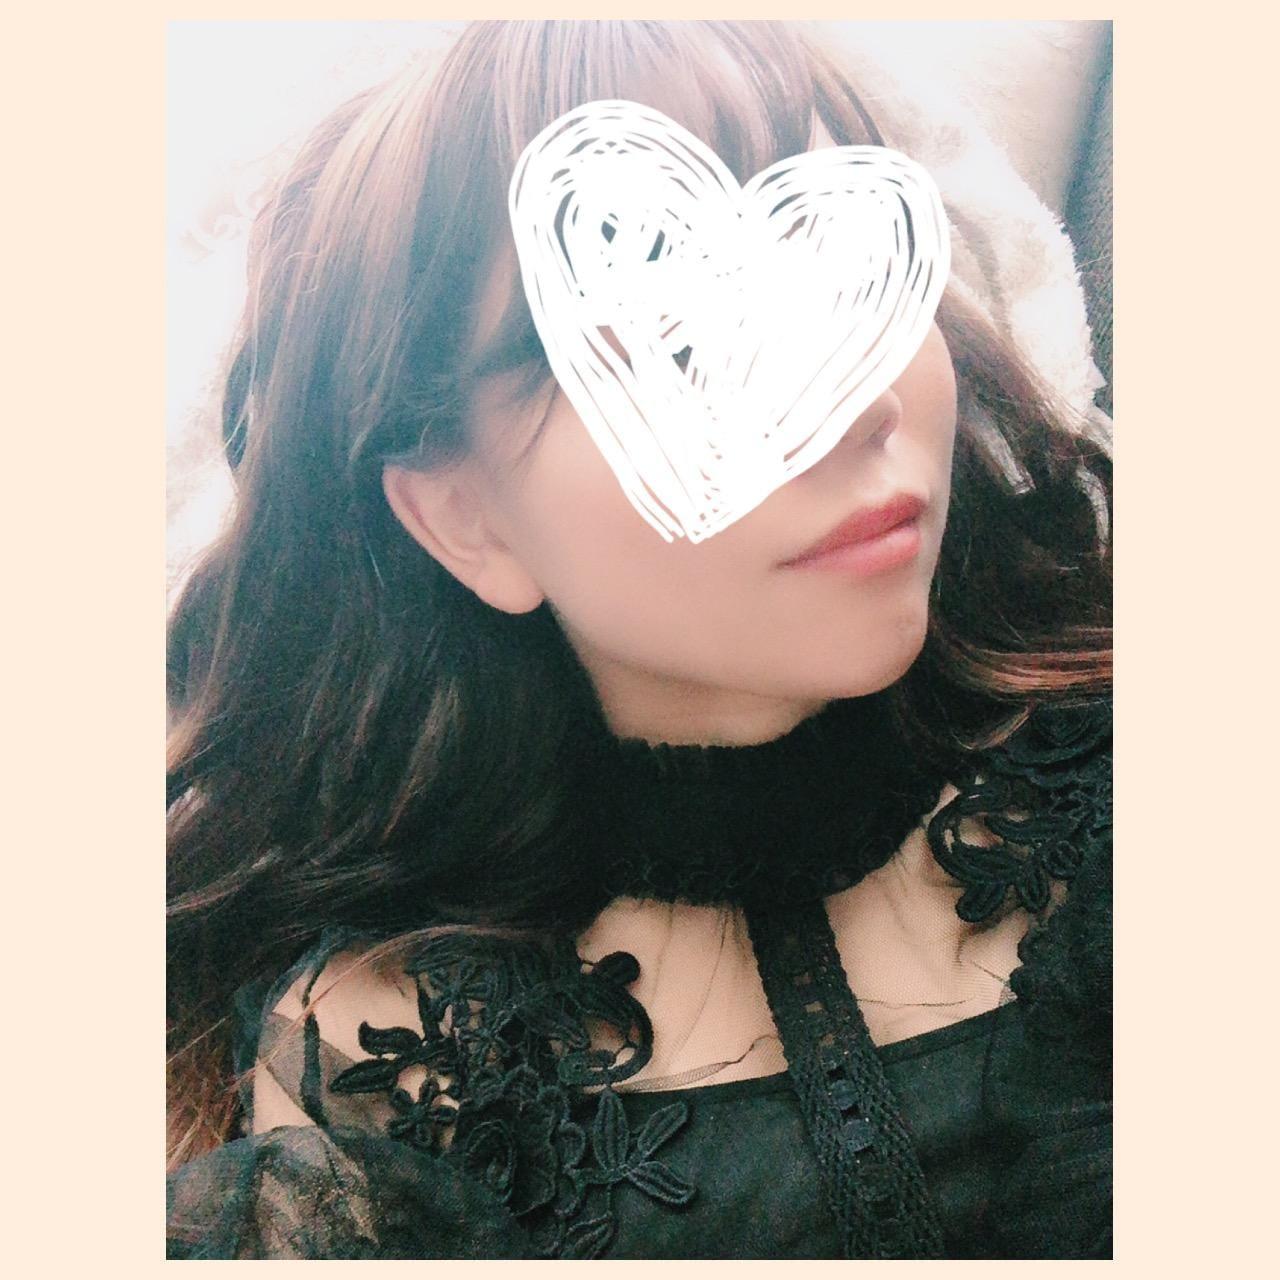 「週末♪ミレン♪」09/13(木) 19:53 | 美恋(ミレン)の写メ・風俗動画